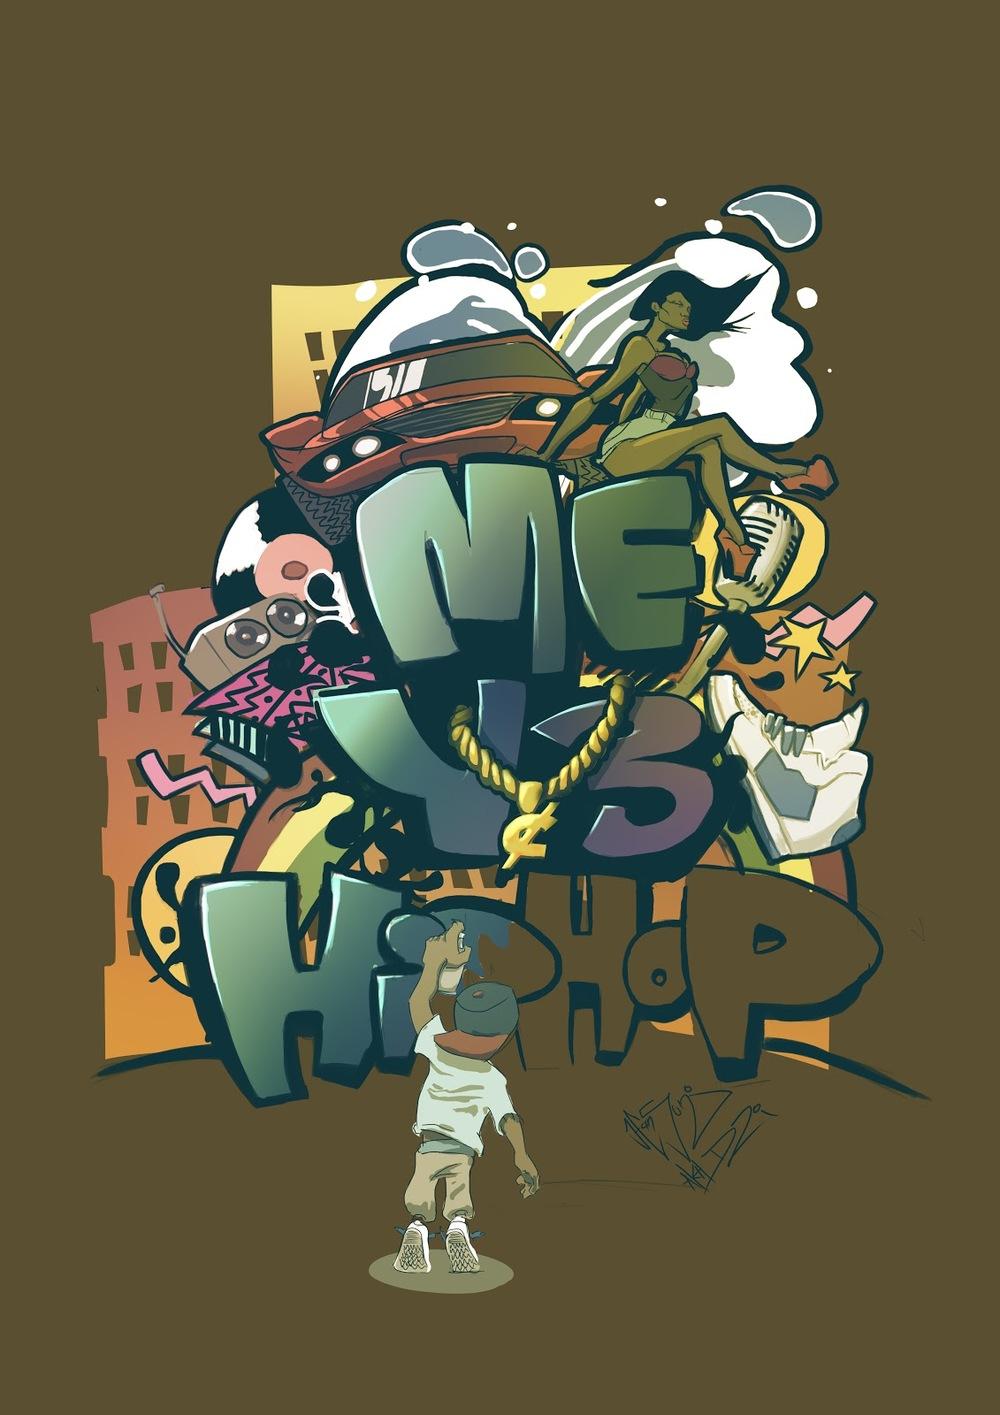 me y3 hiphop.jpg